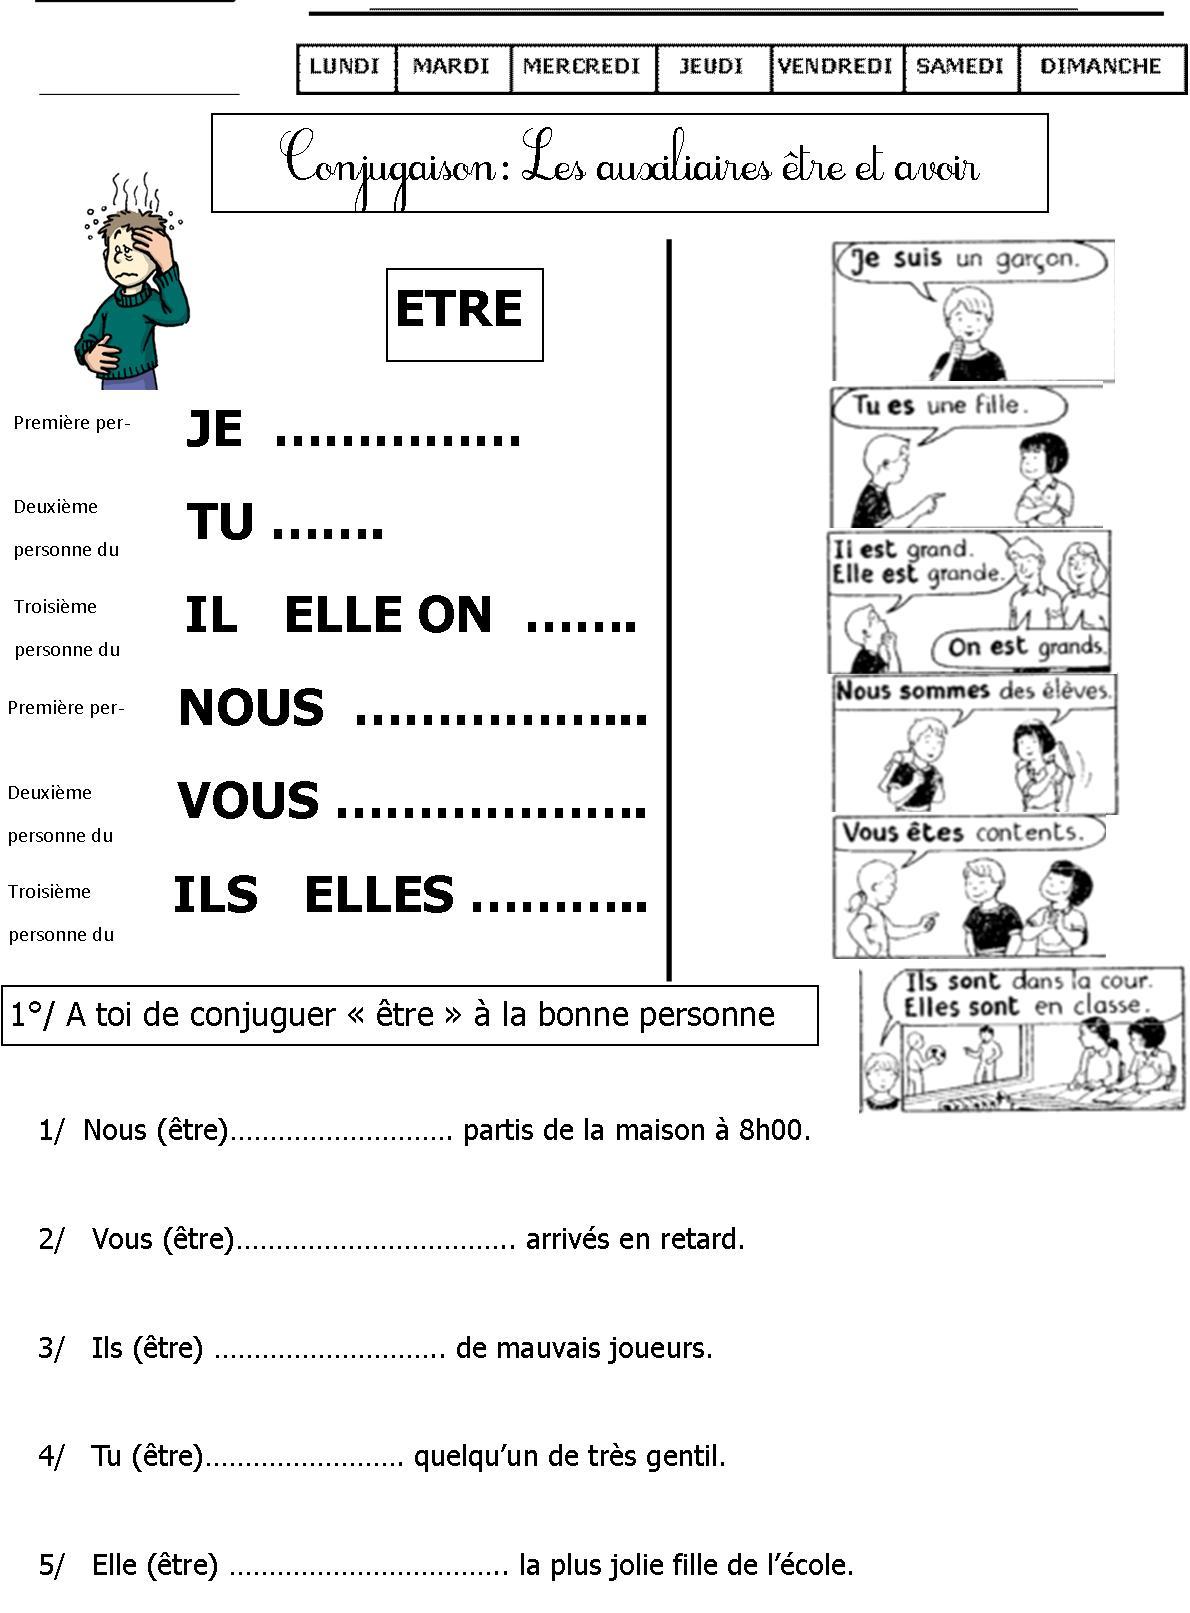 Exercices De Conjugaison Ce1 | Le Blog De Monsieur Mathieu dedans Exercice Gratuit Cm2